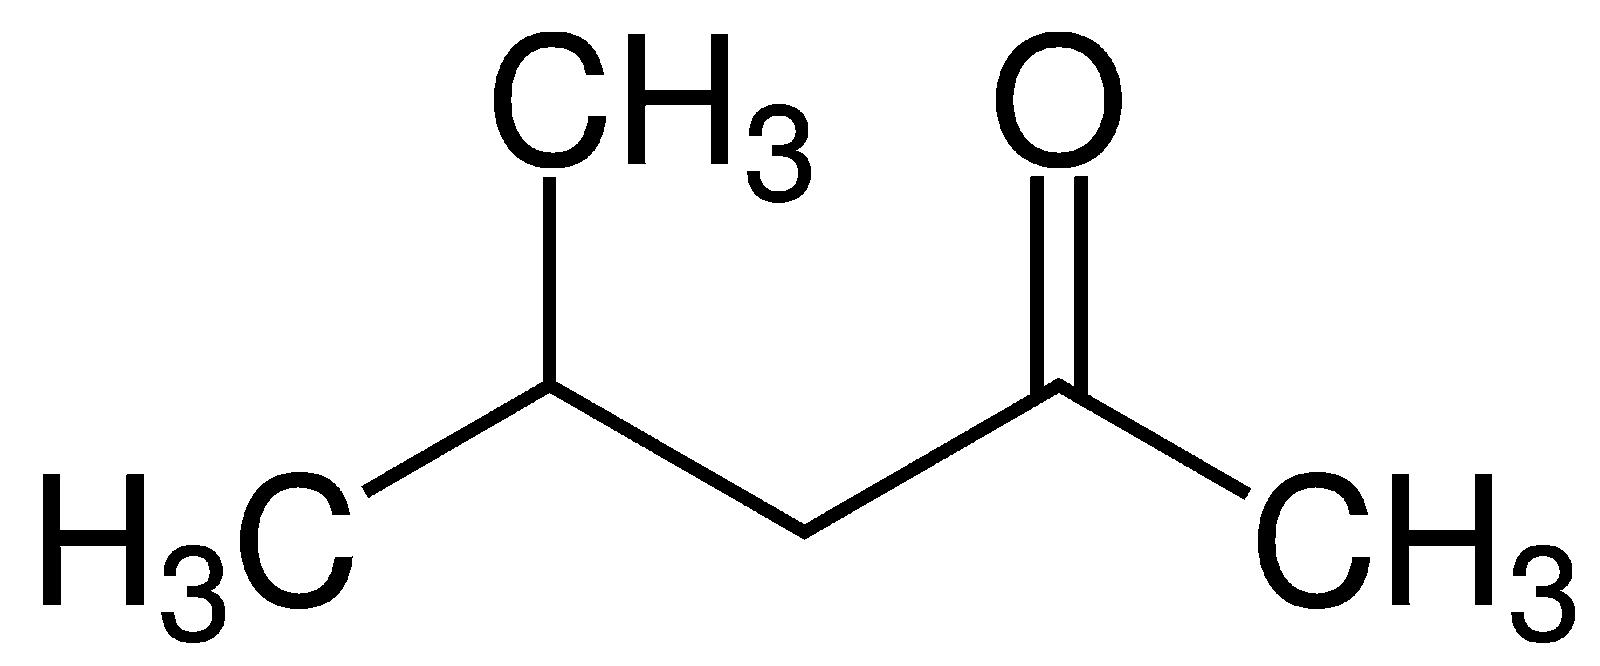 Những tính chất lý hóa của Methyl iso butyl ketone